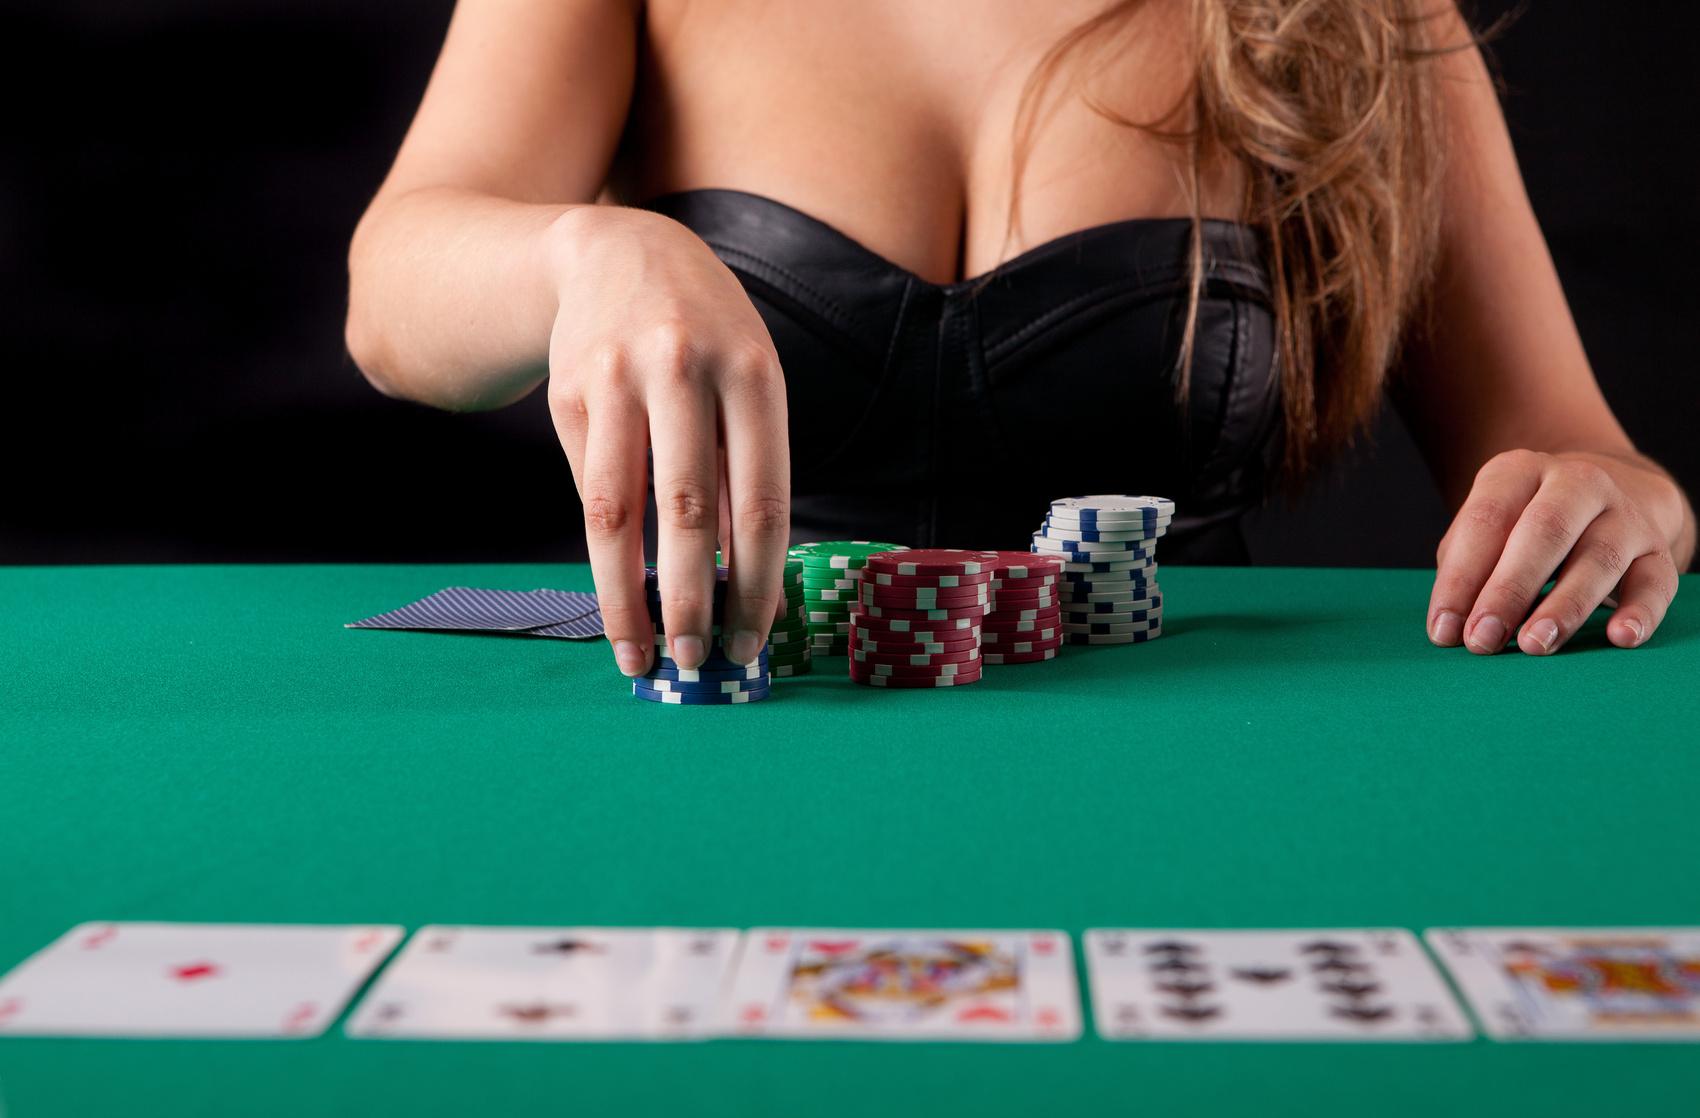 Секс карточные игры 2 фотография